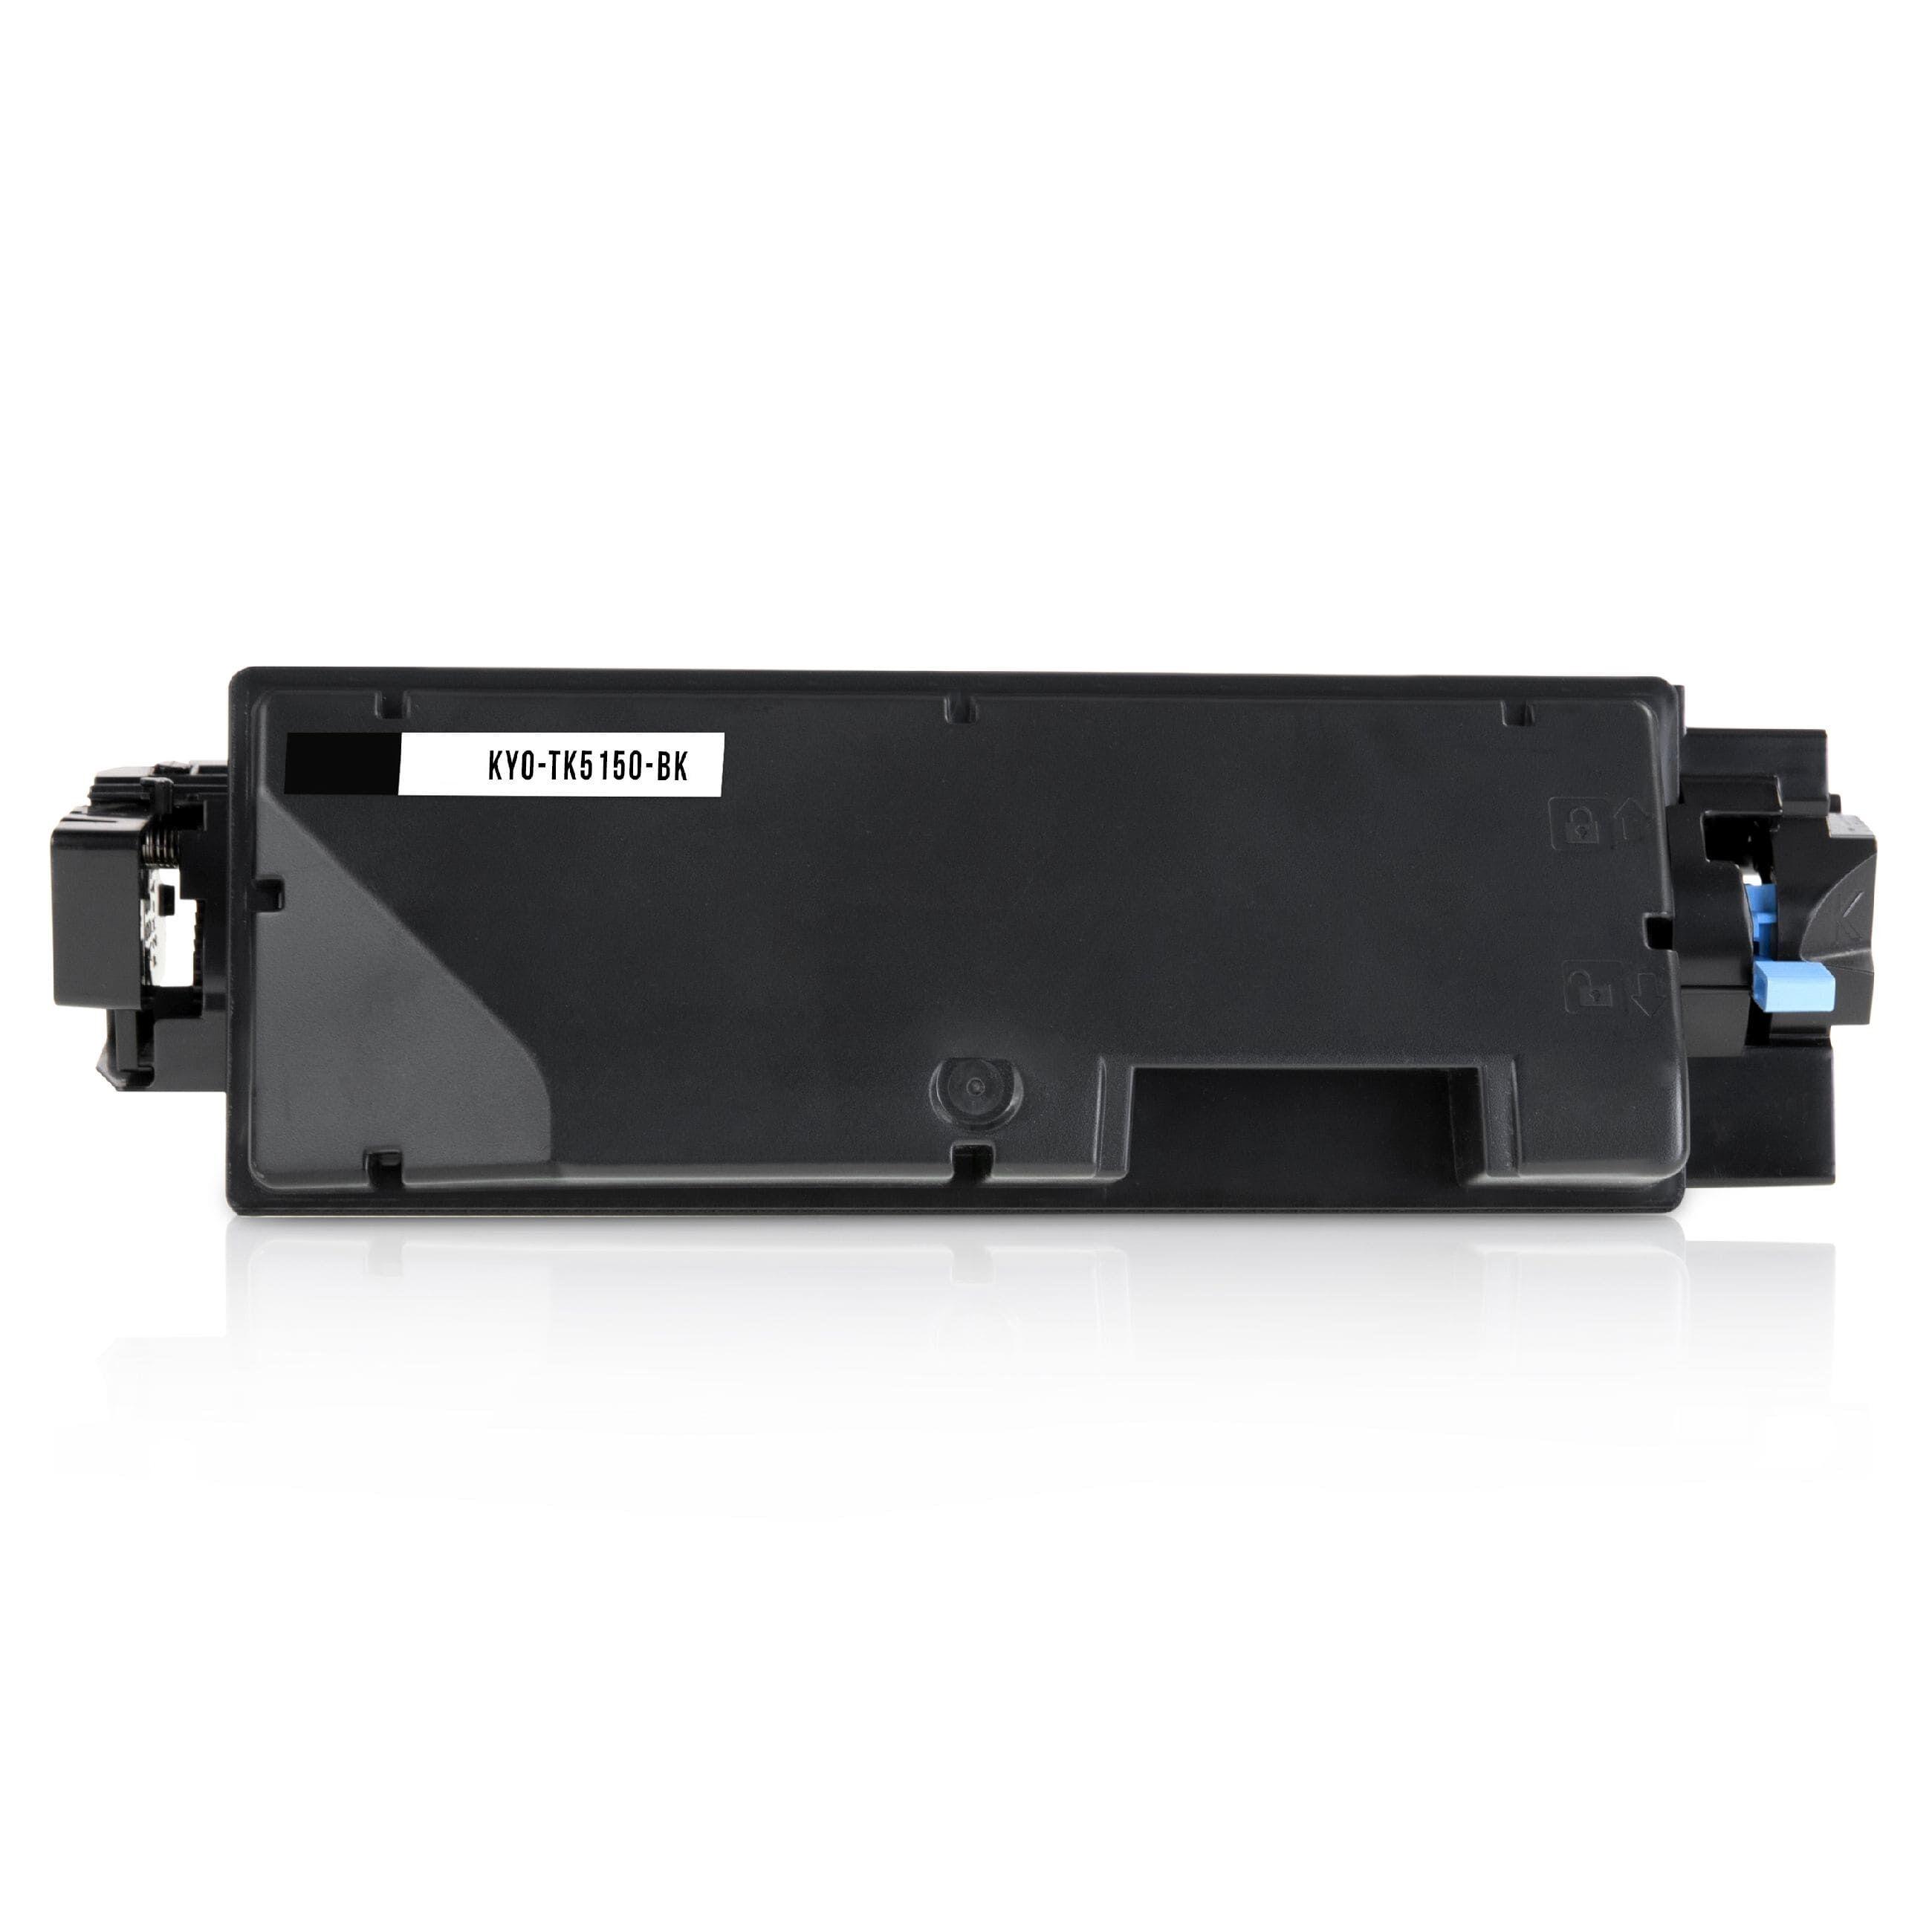 KYOCERA Cartouche de Toner pour KYOCERA 1T02NS0NL0 / TK-5150 K noir compatible (de marque ASC)